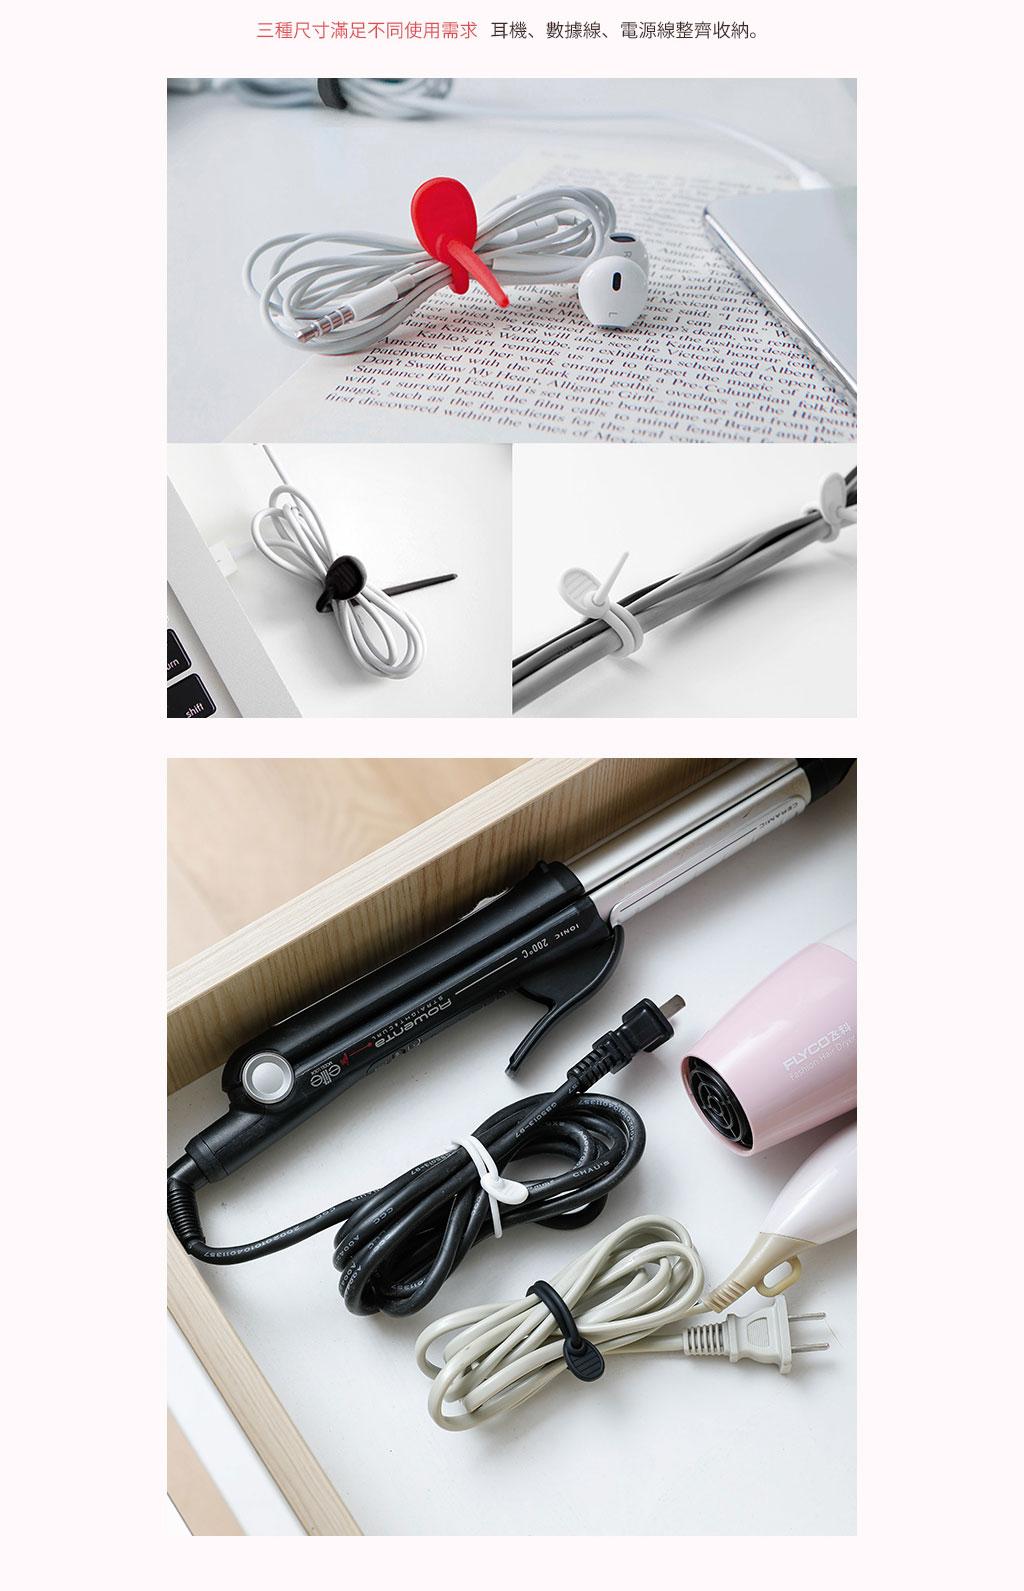 日本霜山 可扣式矽膠食品束帶/封口器/捲線器 18條入 (3種不同尺寸)